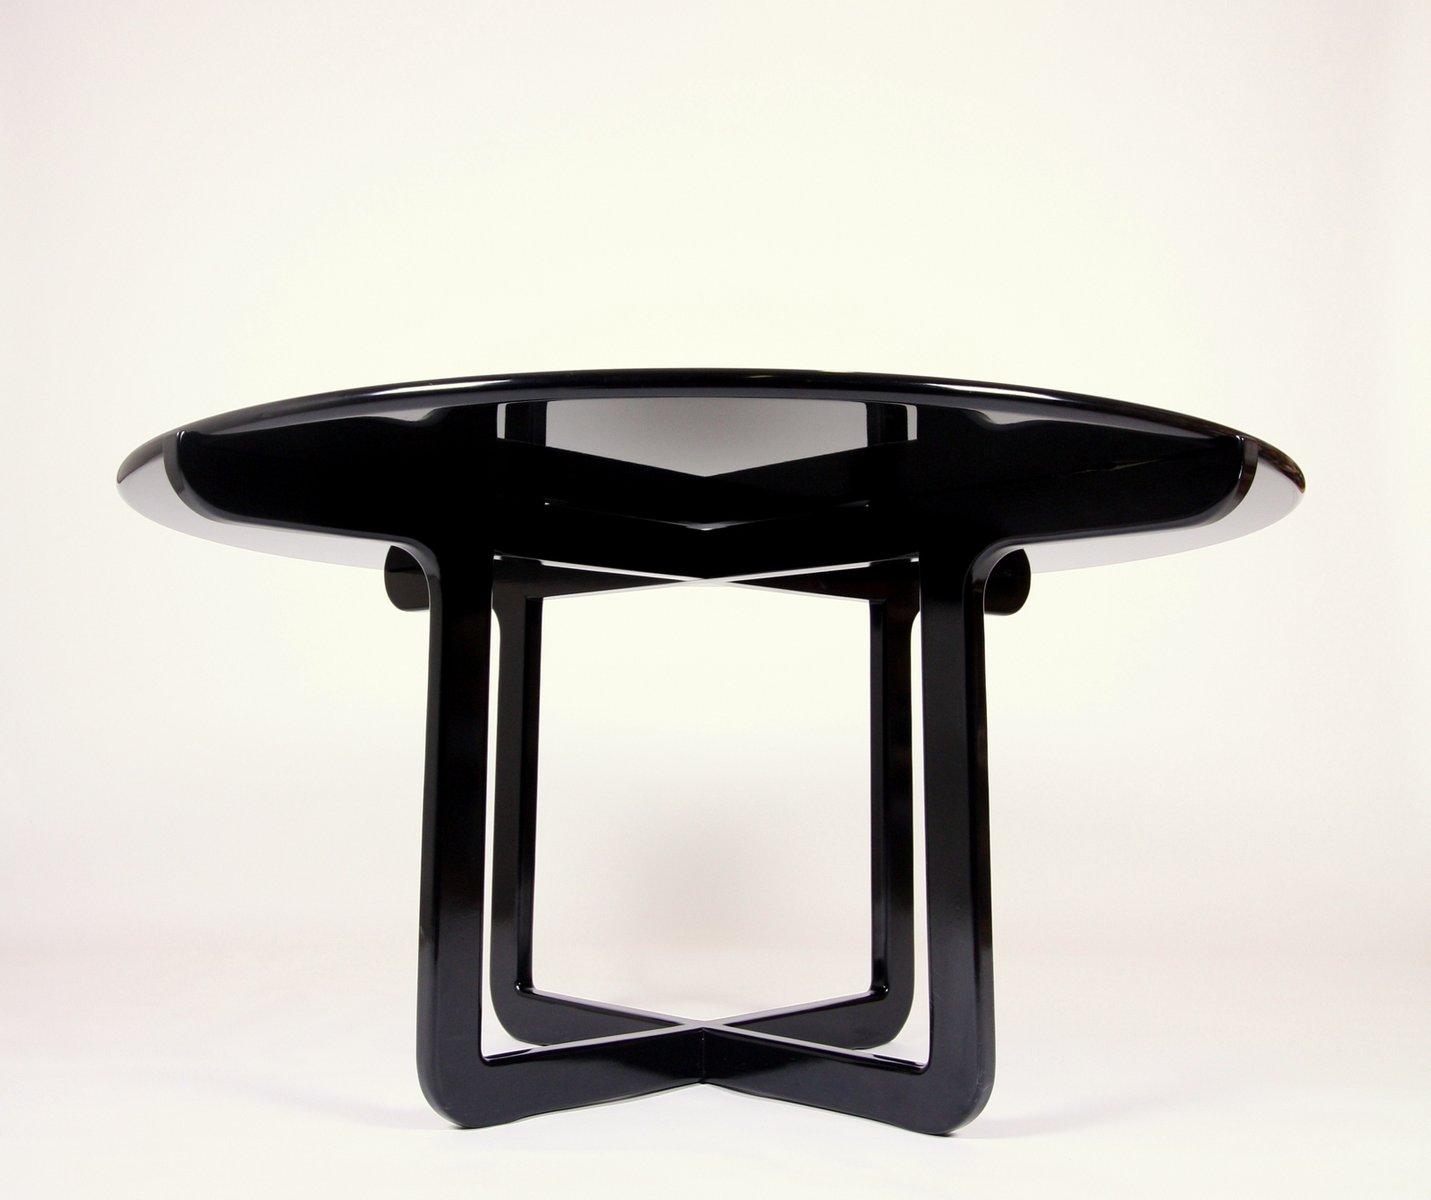 deutscher limitierter siebdruck tisch mit sechs st hlen von bjorn wiinblad f r rosenthal 1976. Black Bedroom Furniture Sets. Home Design Ideas